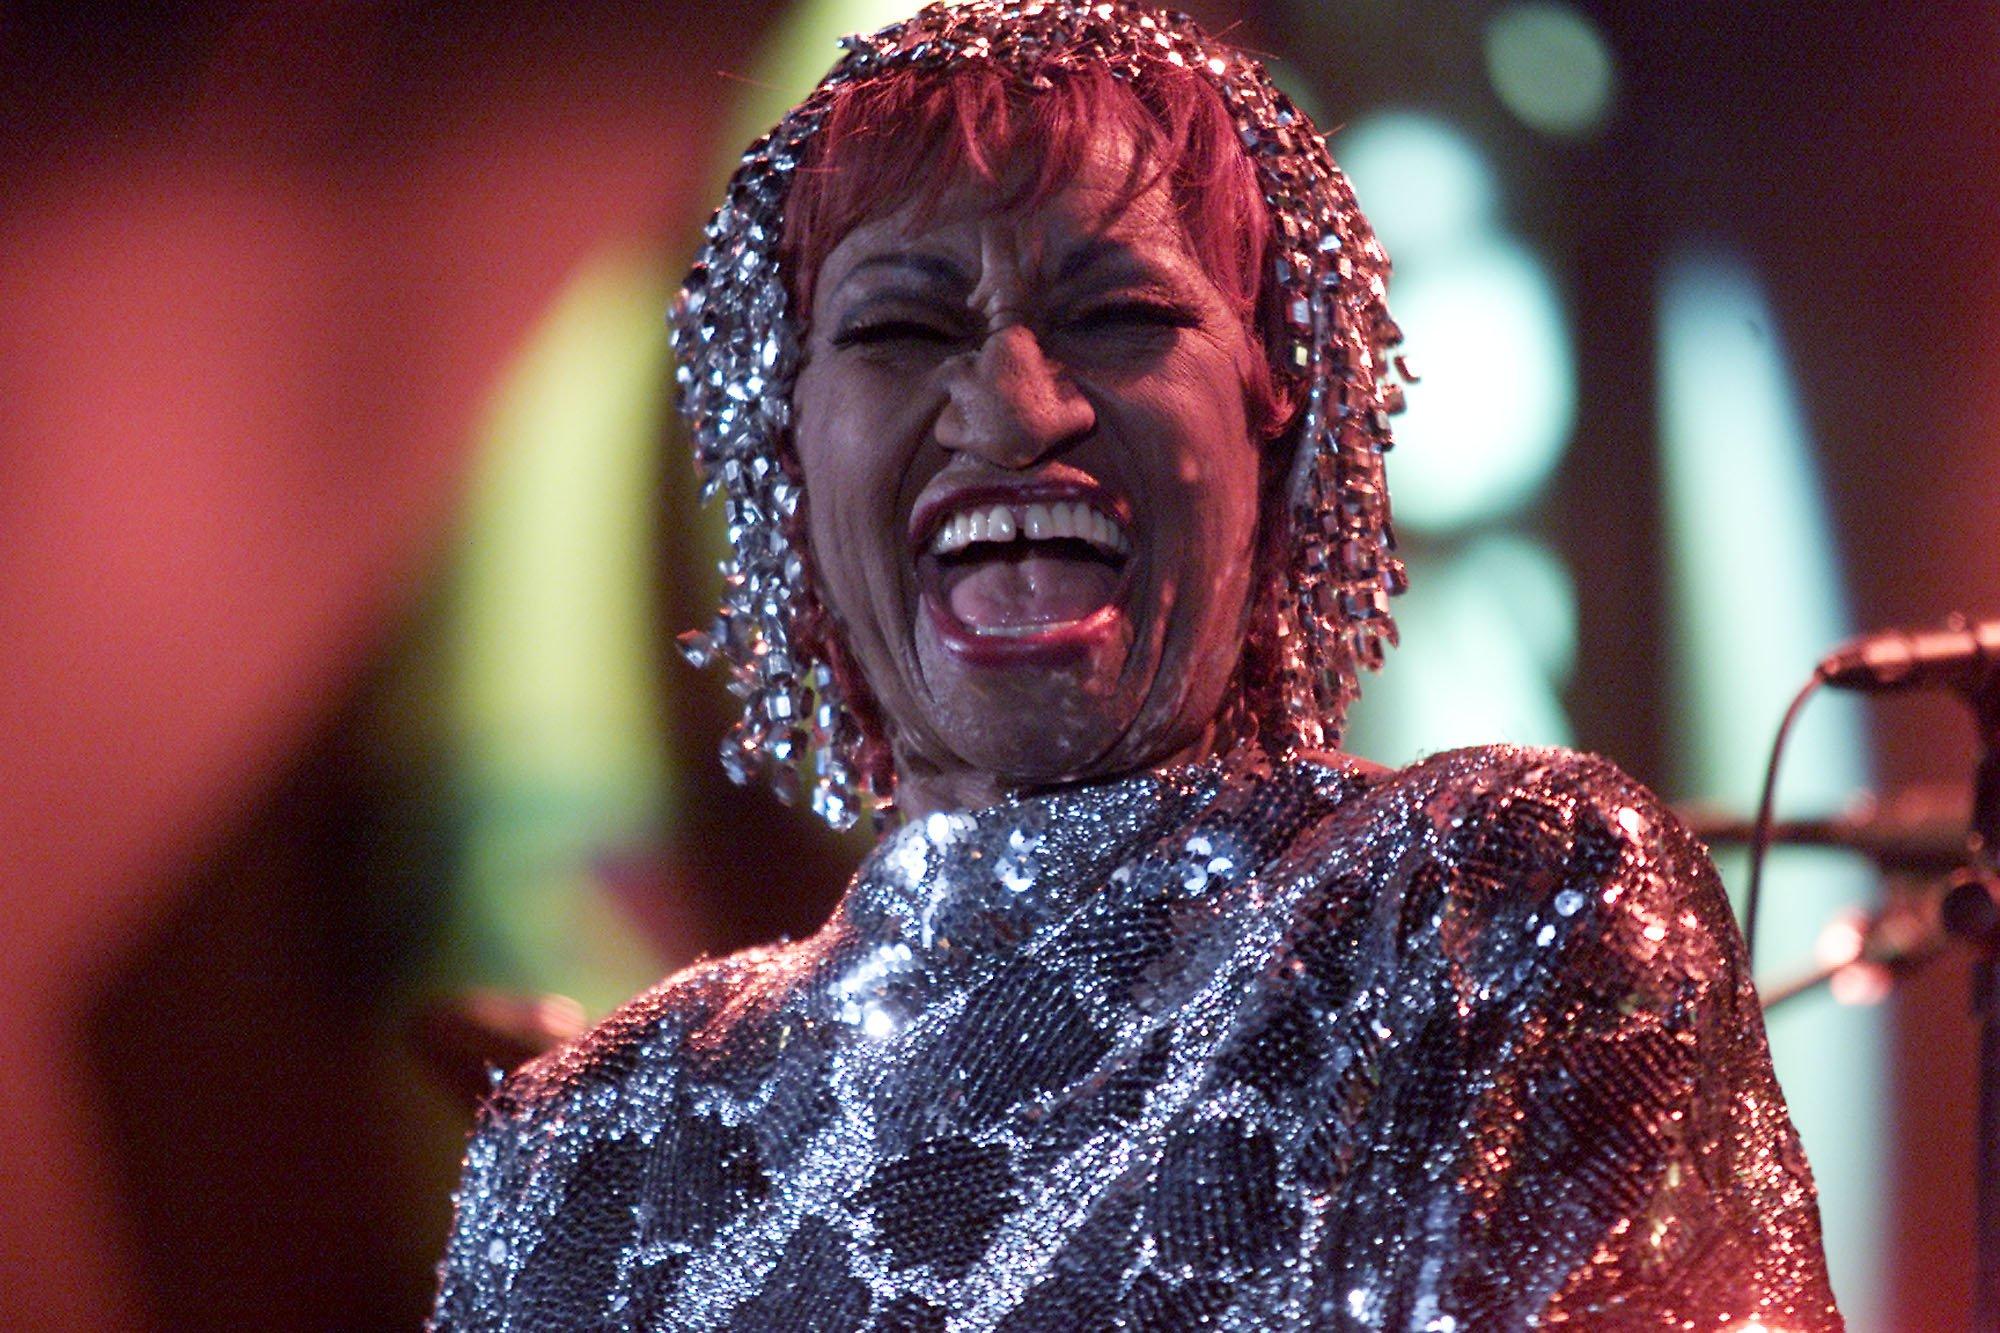 Celia Cruz en presentación durante el Tributo a la Persona del Año de la Academia a Julio Iglesias en el Hotel Beverly Hilton en Los Ángeles, California en 2001    Fuente: Getty Images